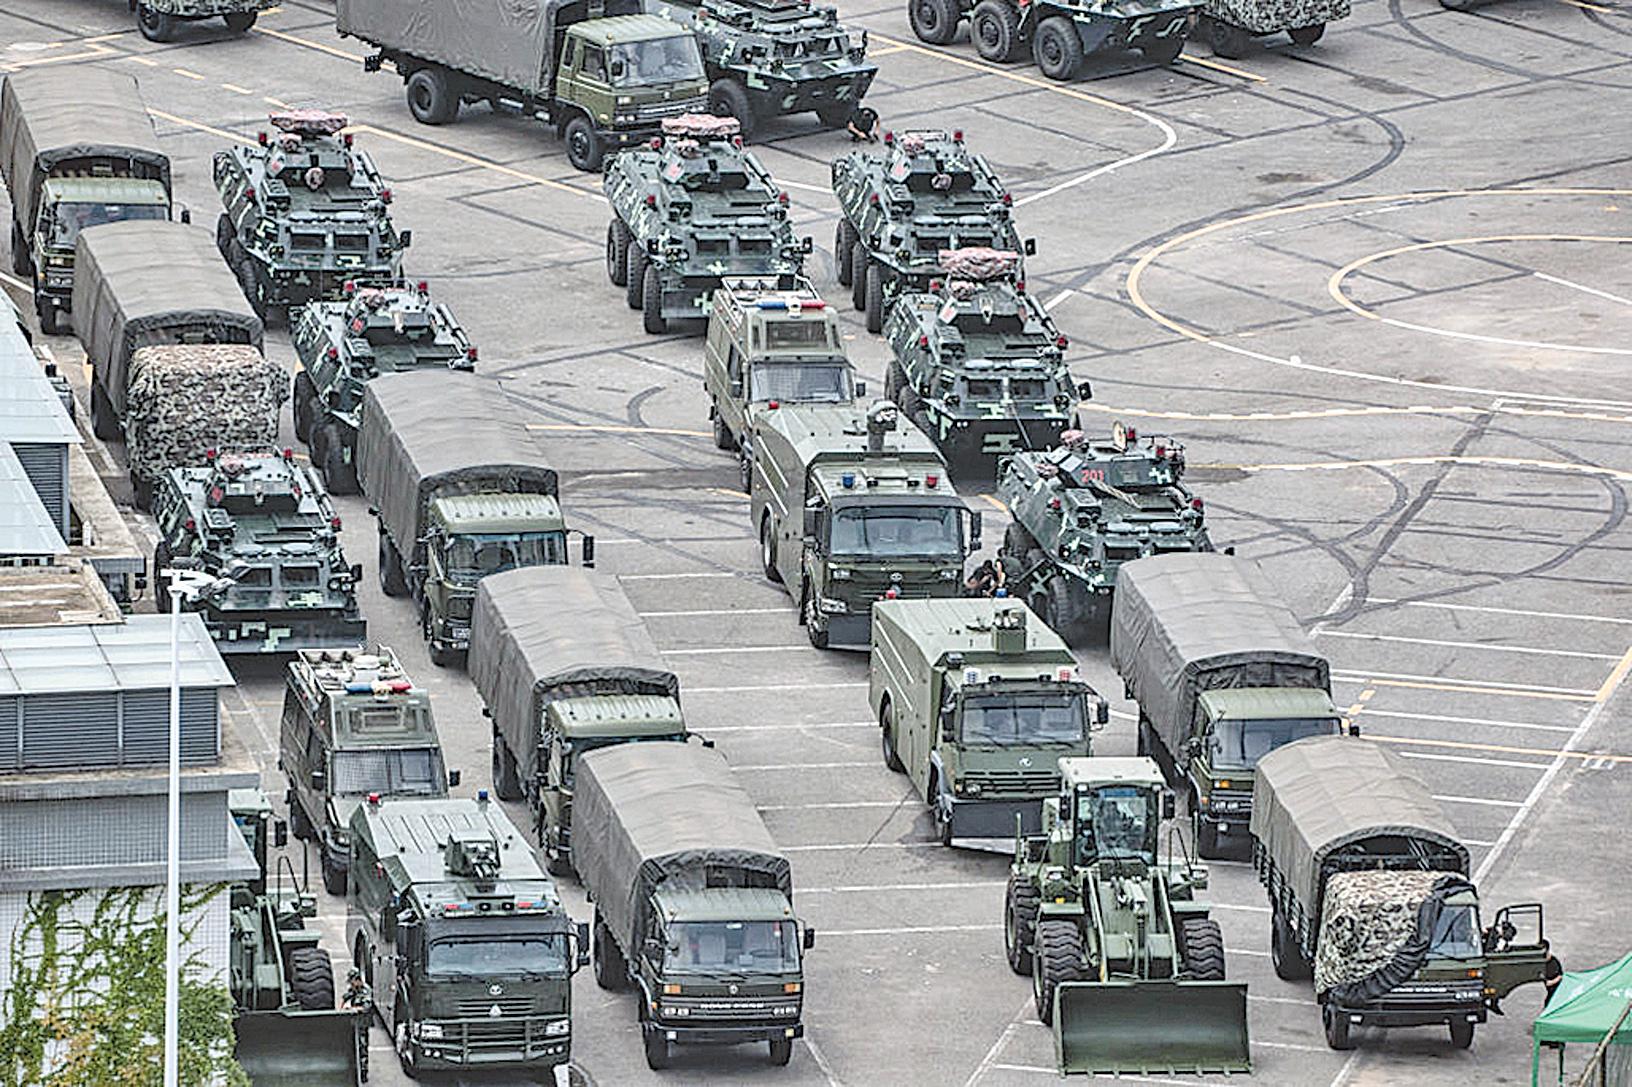 8月29日凌晨,社交網站上傳出中共軍車進入香港的畫面,引發民眾質疑和高度關注。圖為2019年8月16日停放在深圳灣體育中心外的中共軍車。(Getty Images)